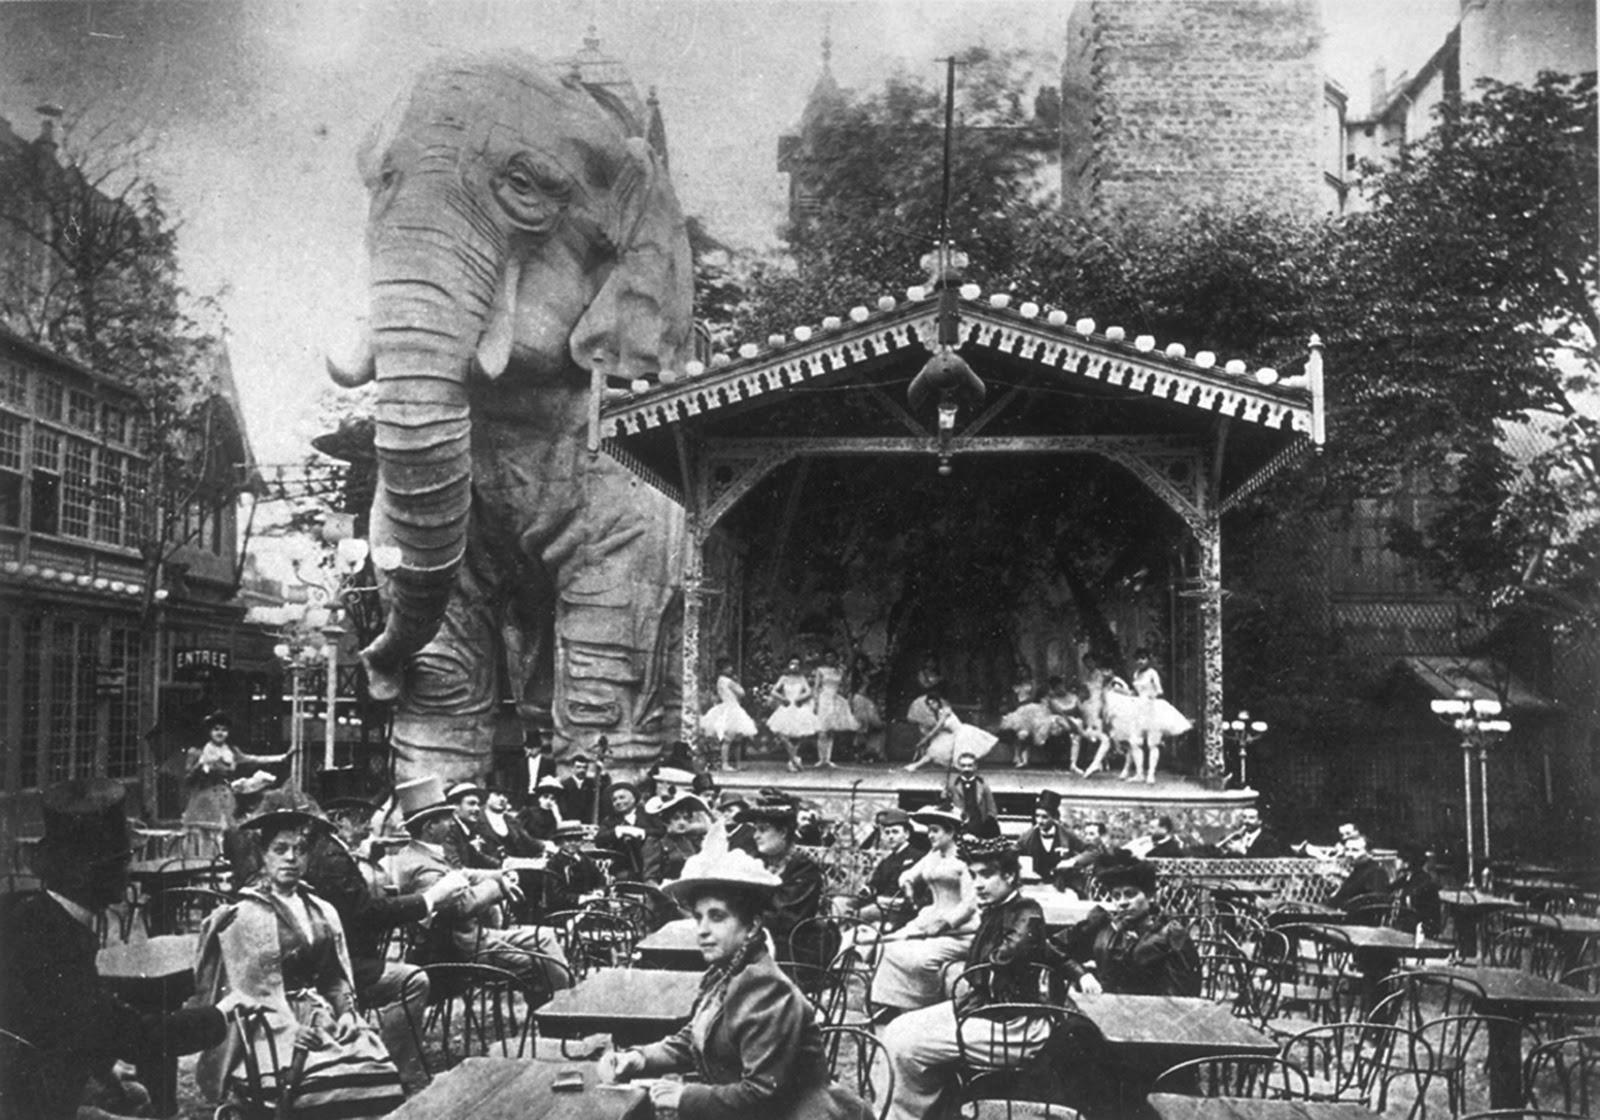 Le Jardin de Paris2 1889 300 GS 2 dec